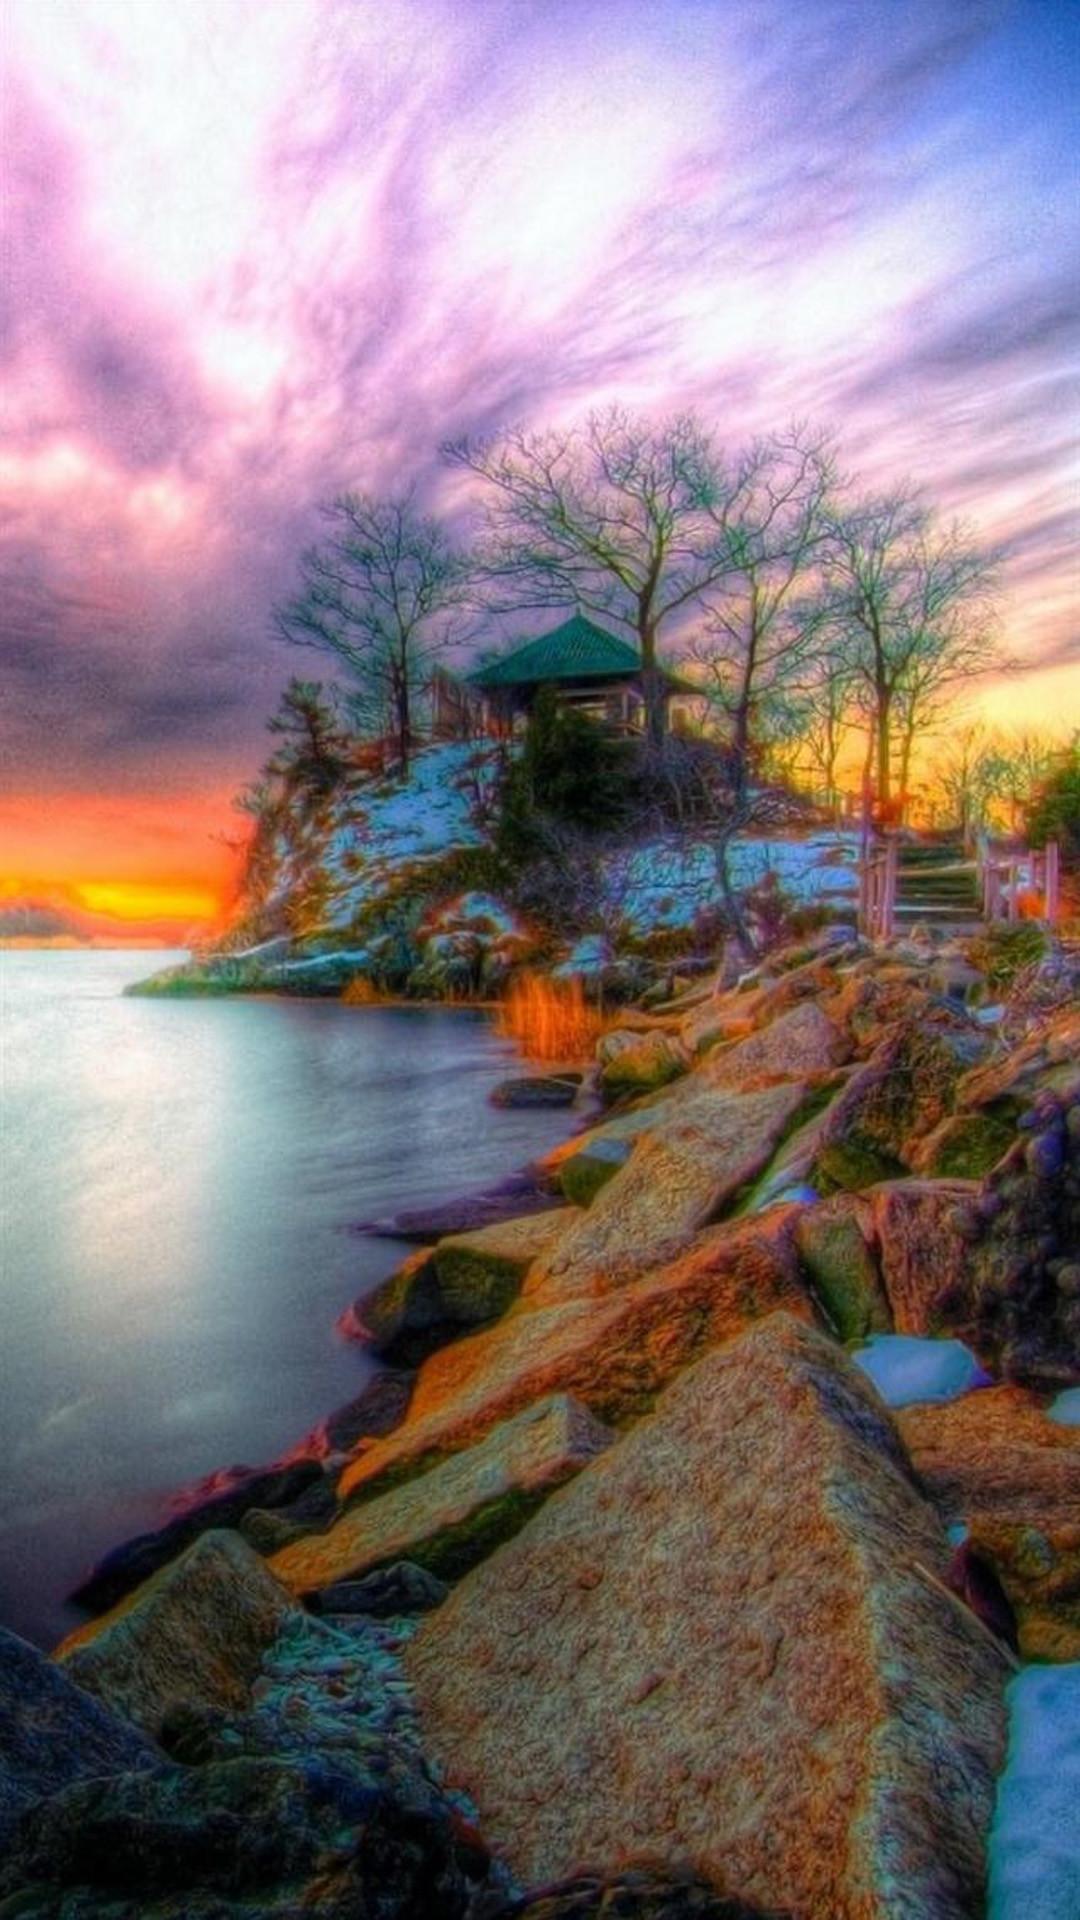 Sfondi natura 60 immagini for Immagini per desktop natura